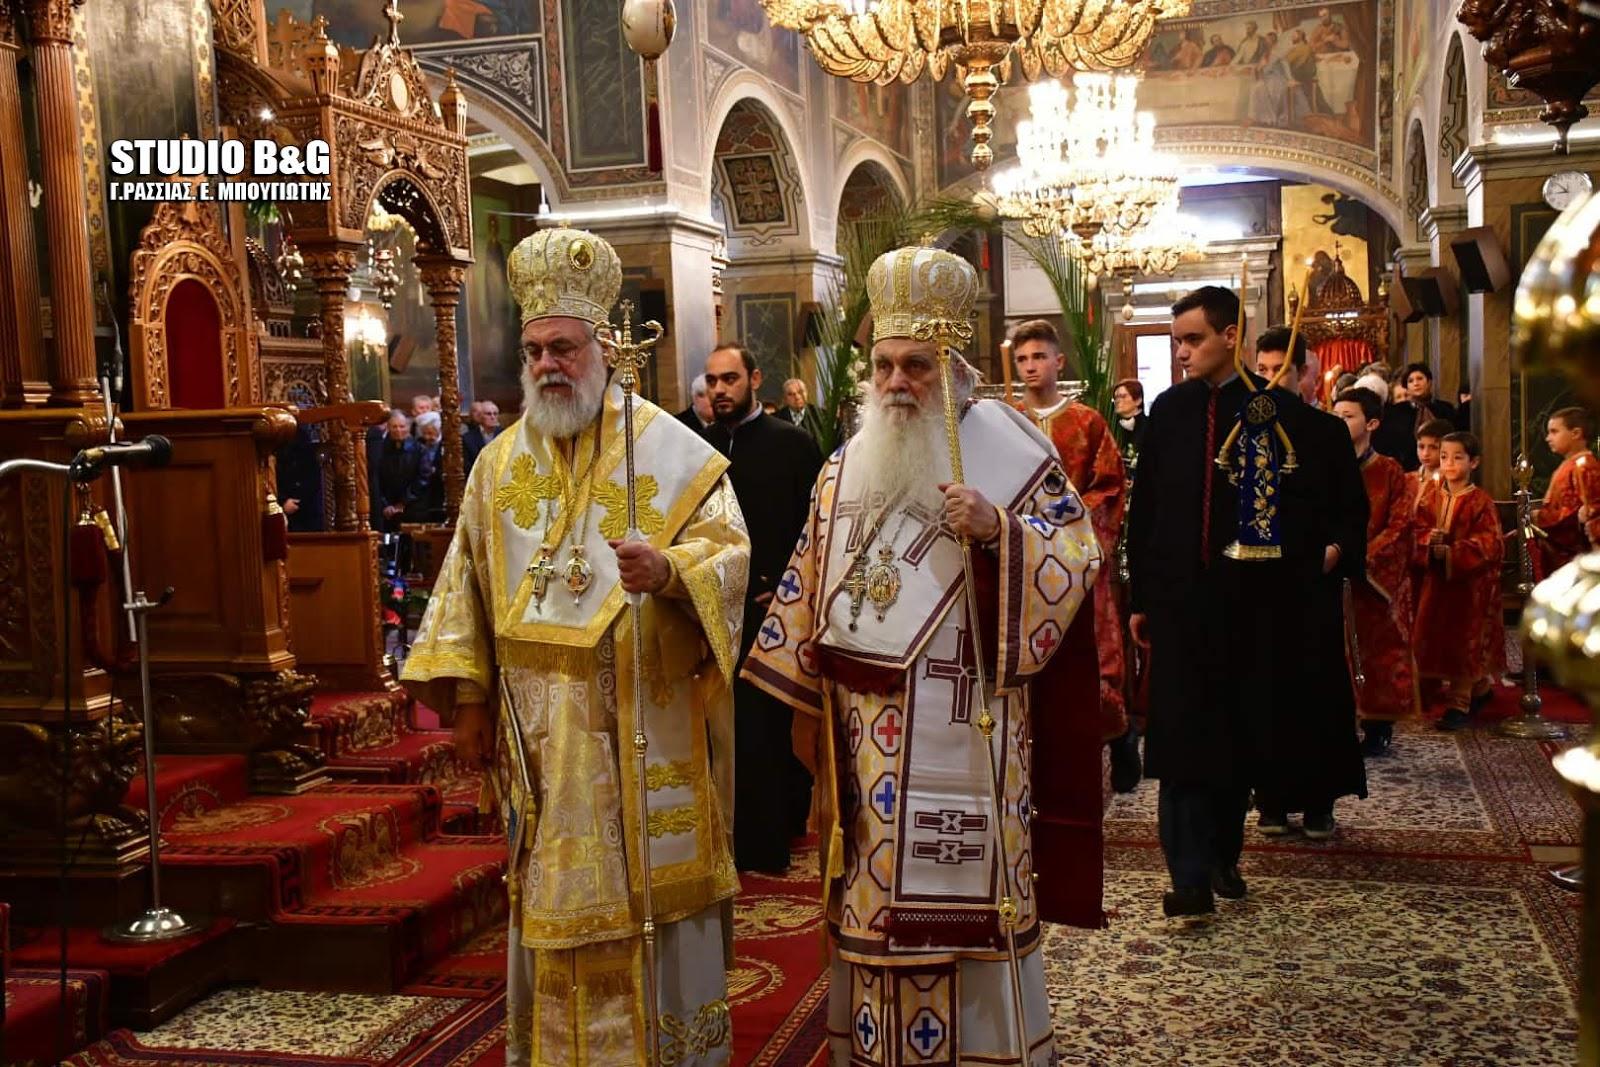 Λαμπρός ο εορτασμός της μετακομιδής των λειψάνων του Αγίου Πέτρου